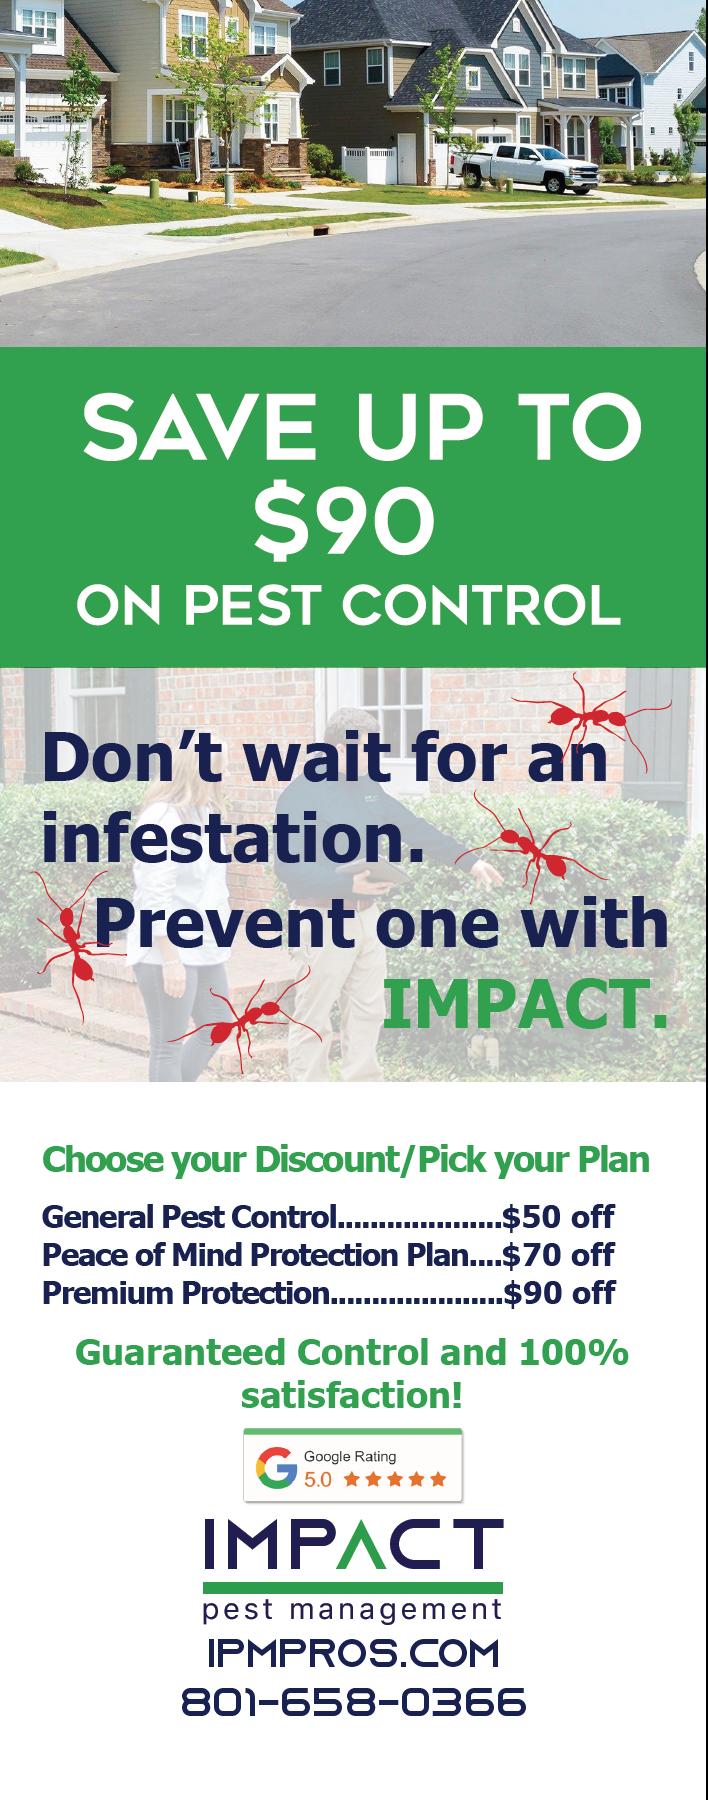 Impact Pest Management Door Hanger